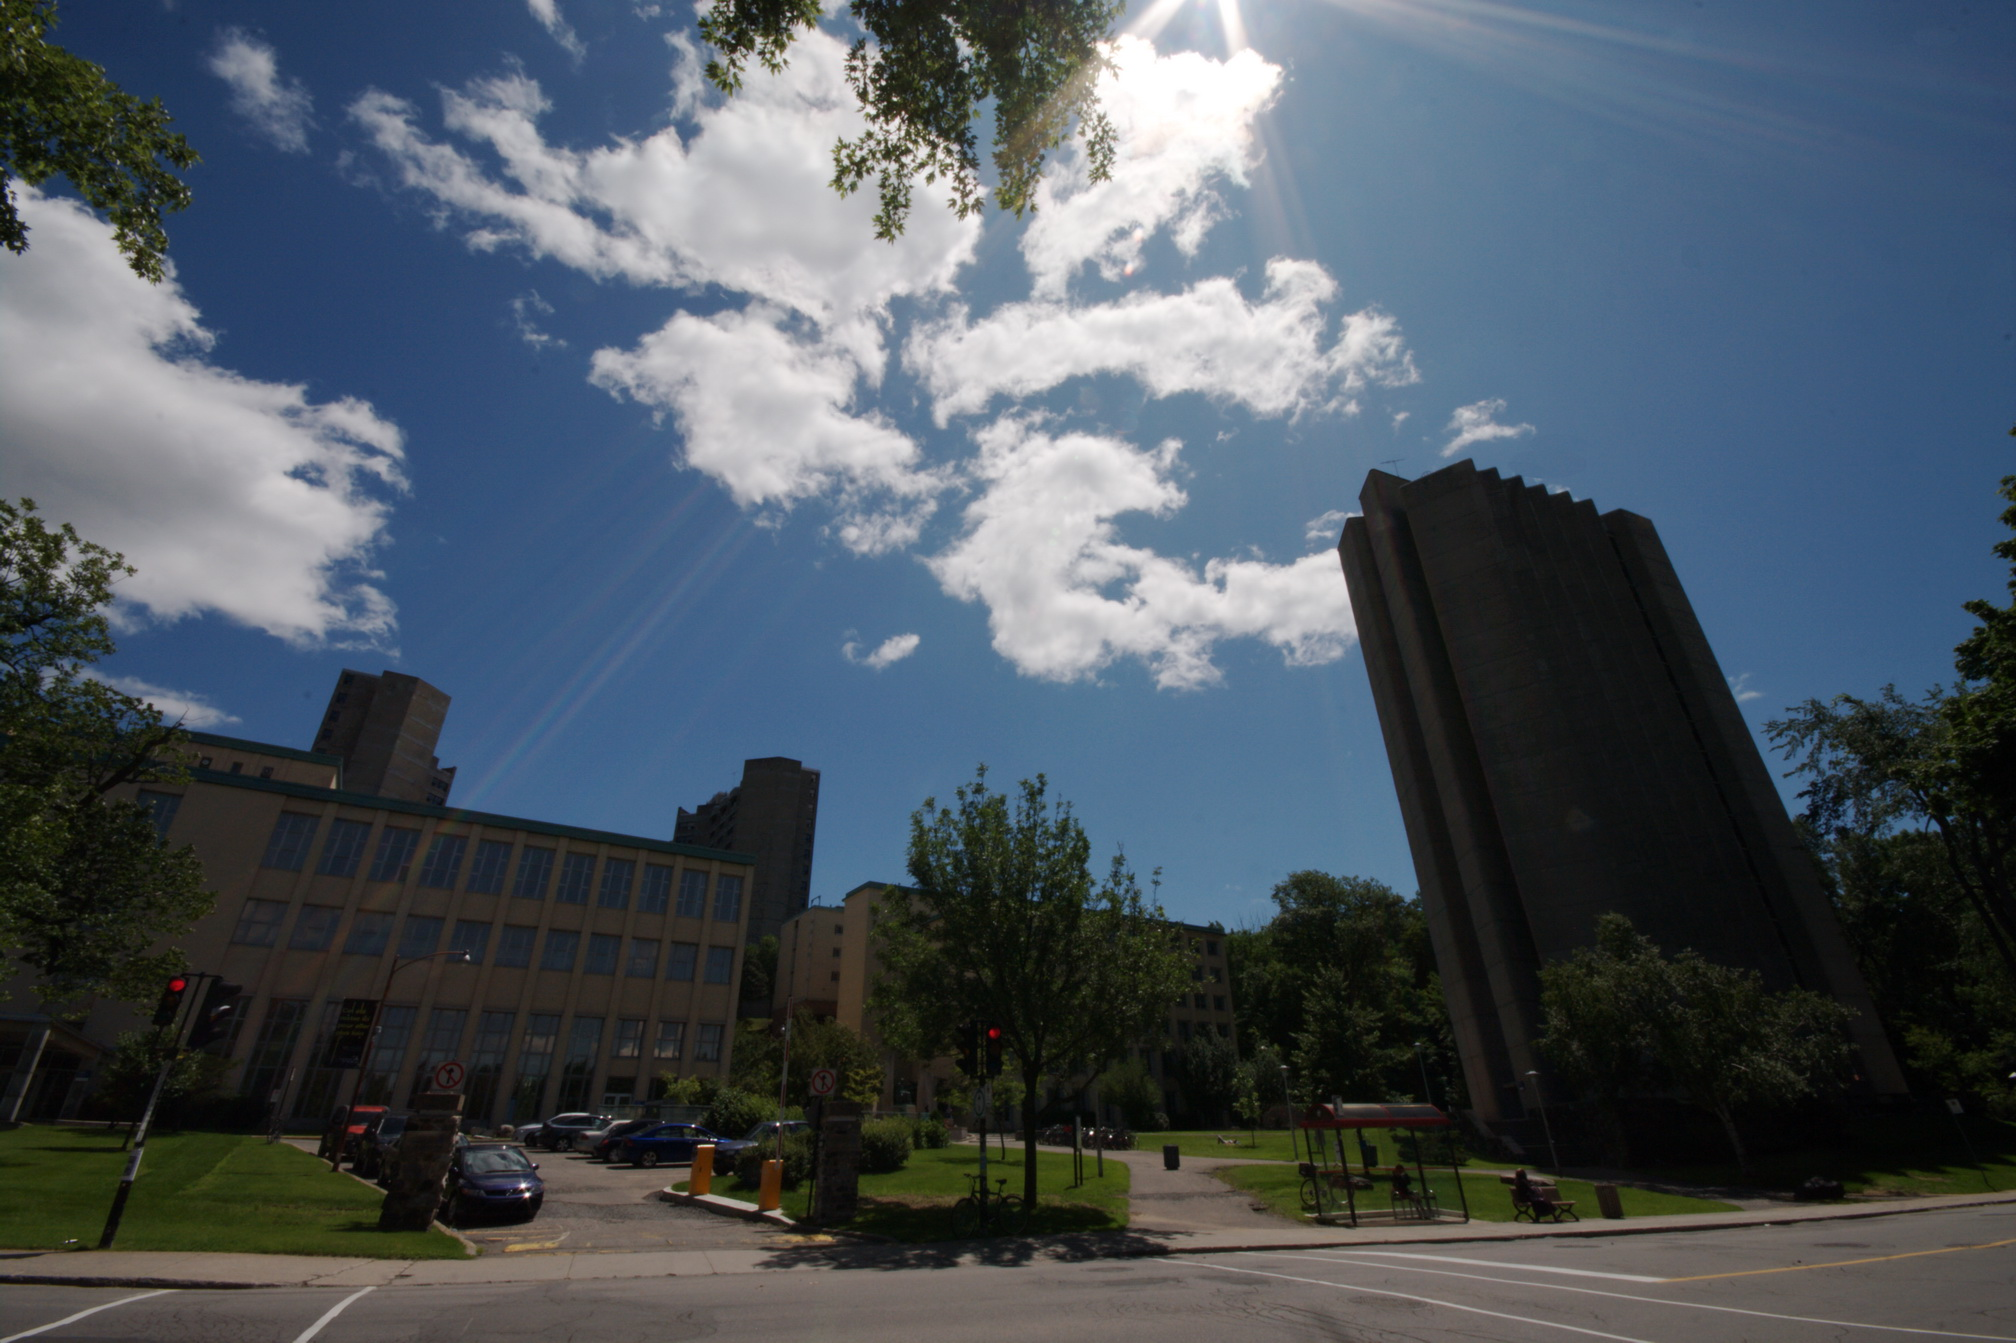 L universit de montr al la cit du savoir sur le mont - Residence les jardins de l universite toulouse ...